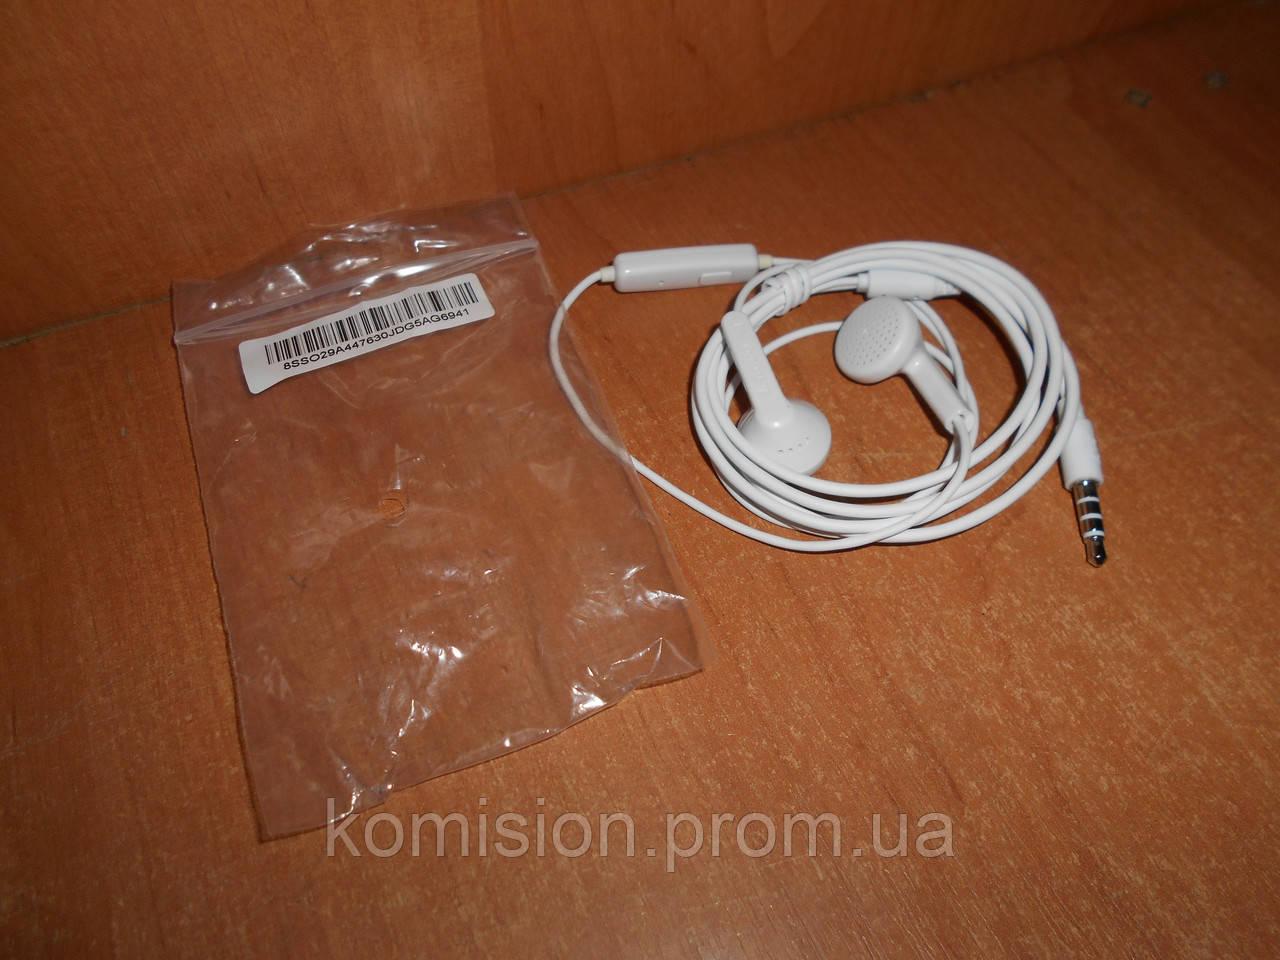 Навушники для мобільного телефону